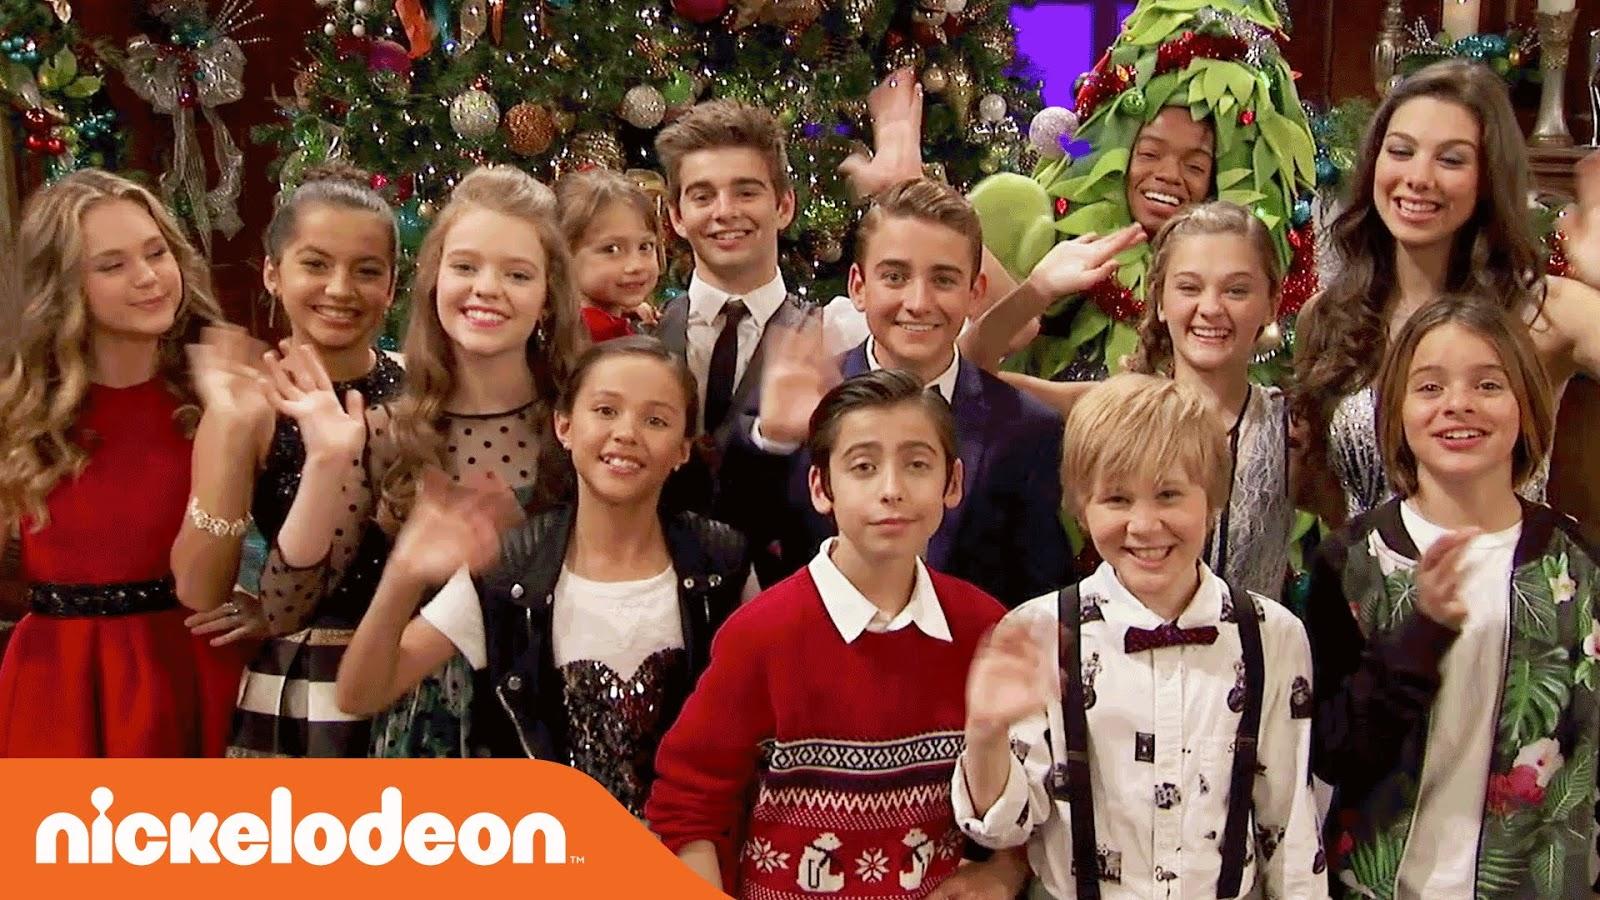 nickelodeon christmas movies full